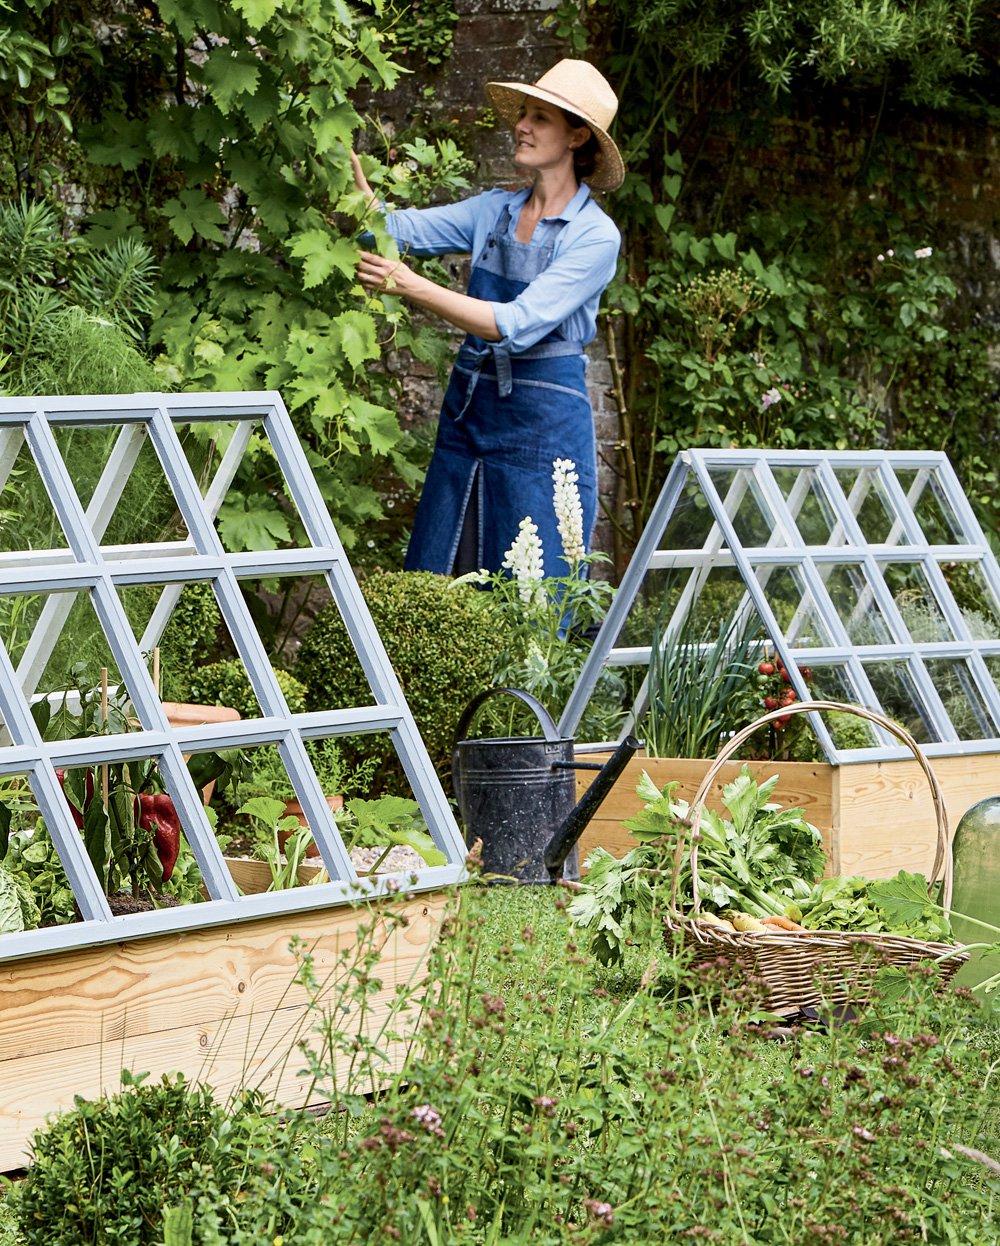 Créer Des Serres Pour Faire Pousser Les Tomates Dans Son ... intérieur Recup Pour Le Jardin